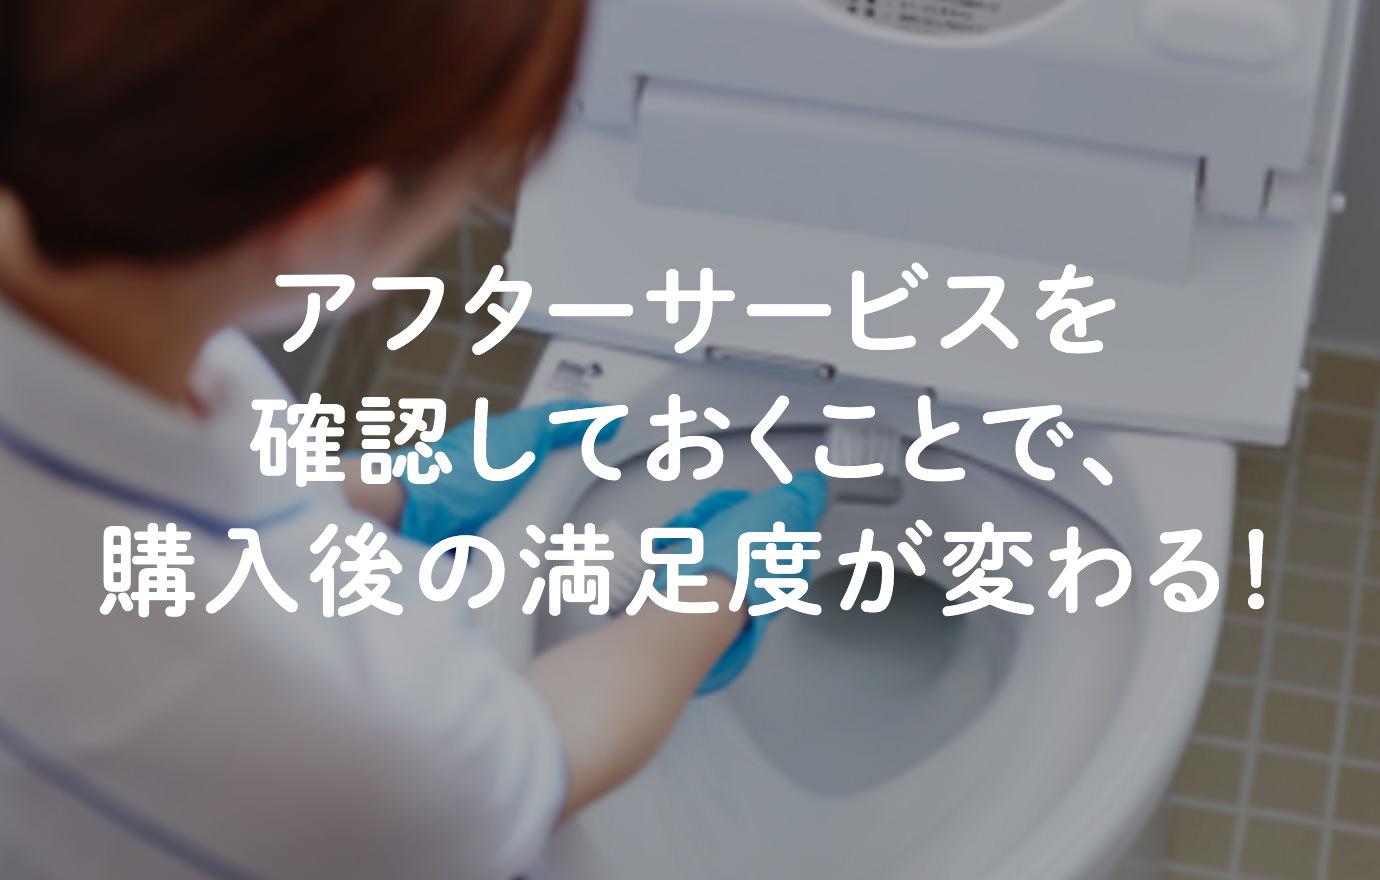 トイレを点検する女性